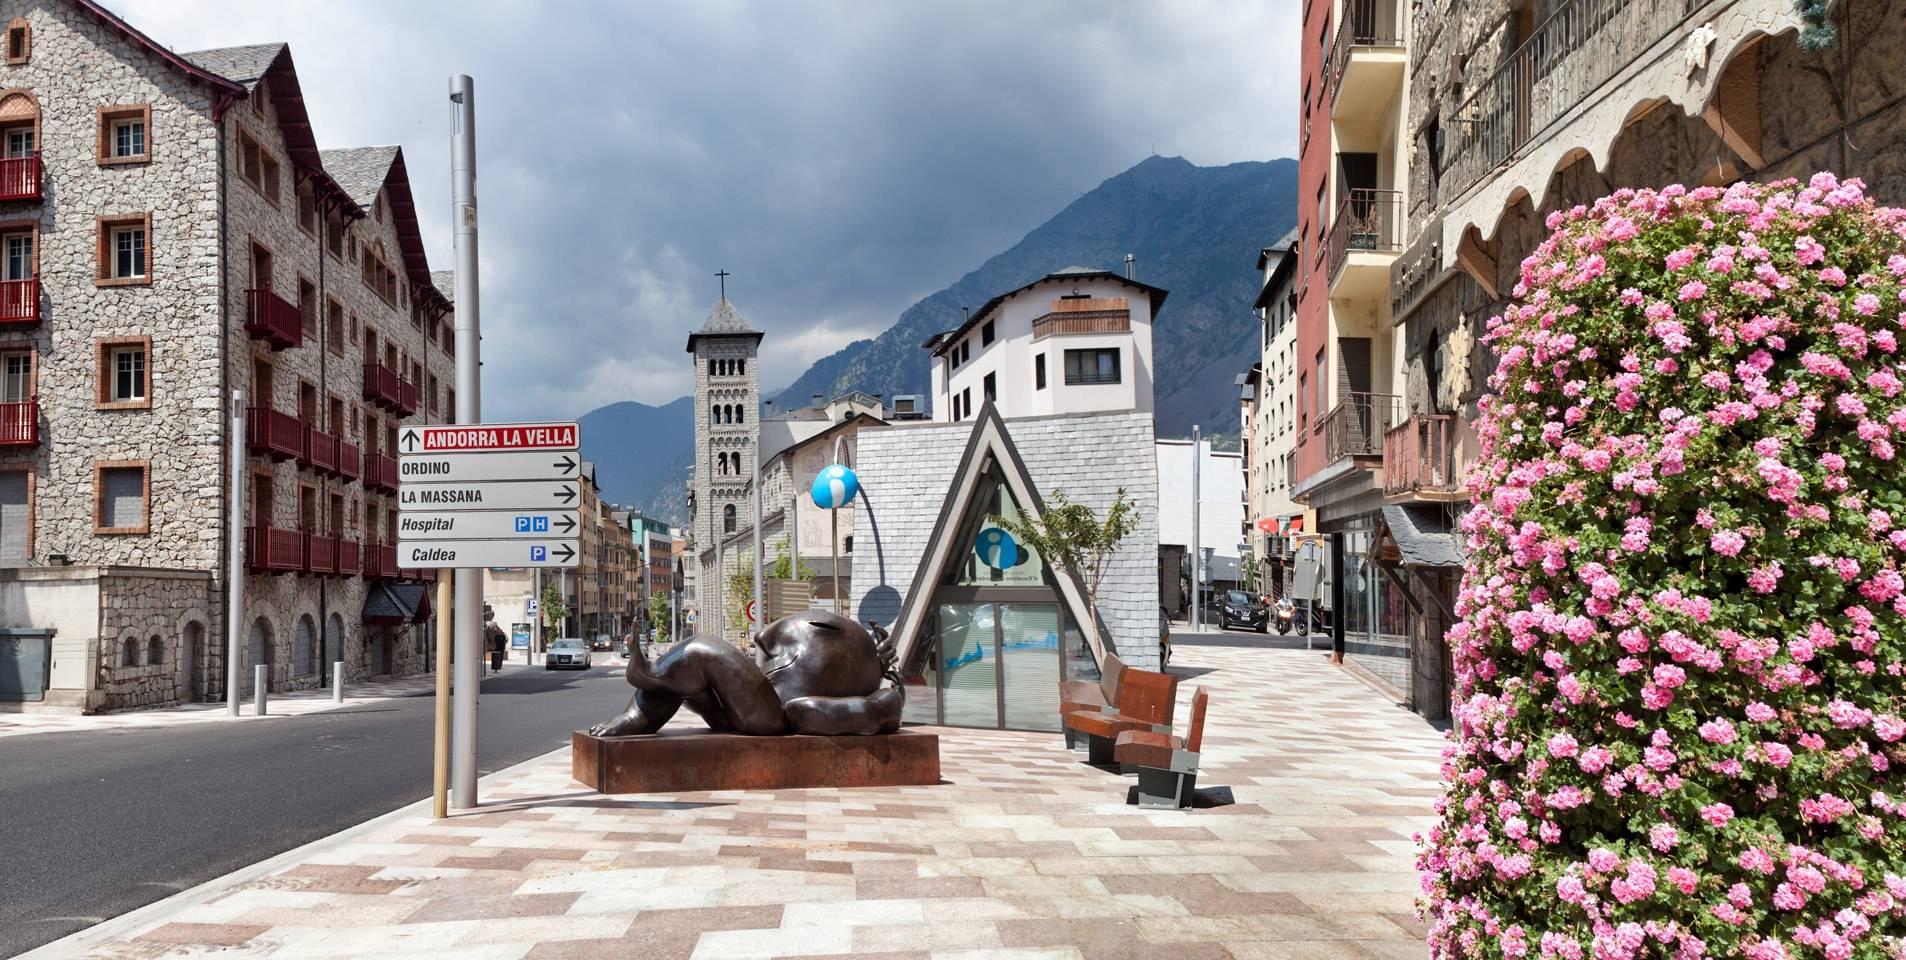 Qué hacer en Escaldes, Andorra: Todo lo imprescindible